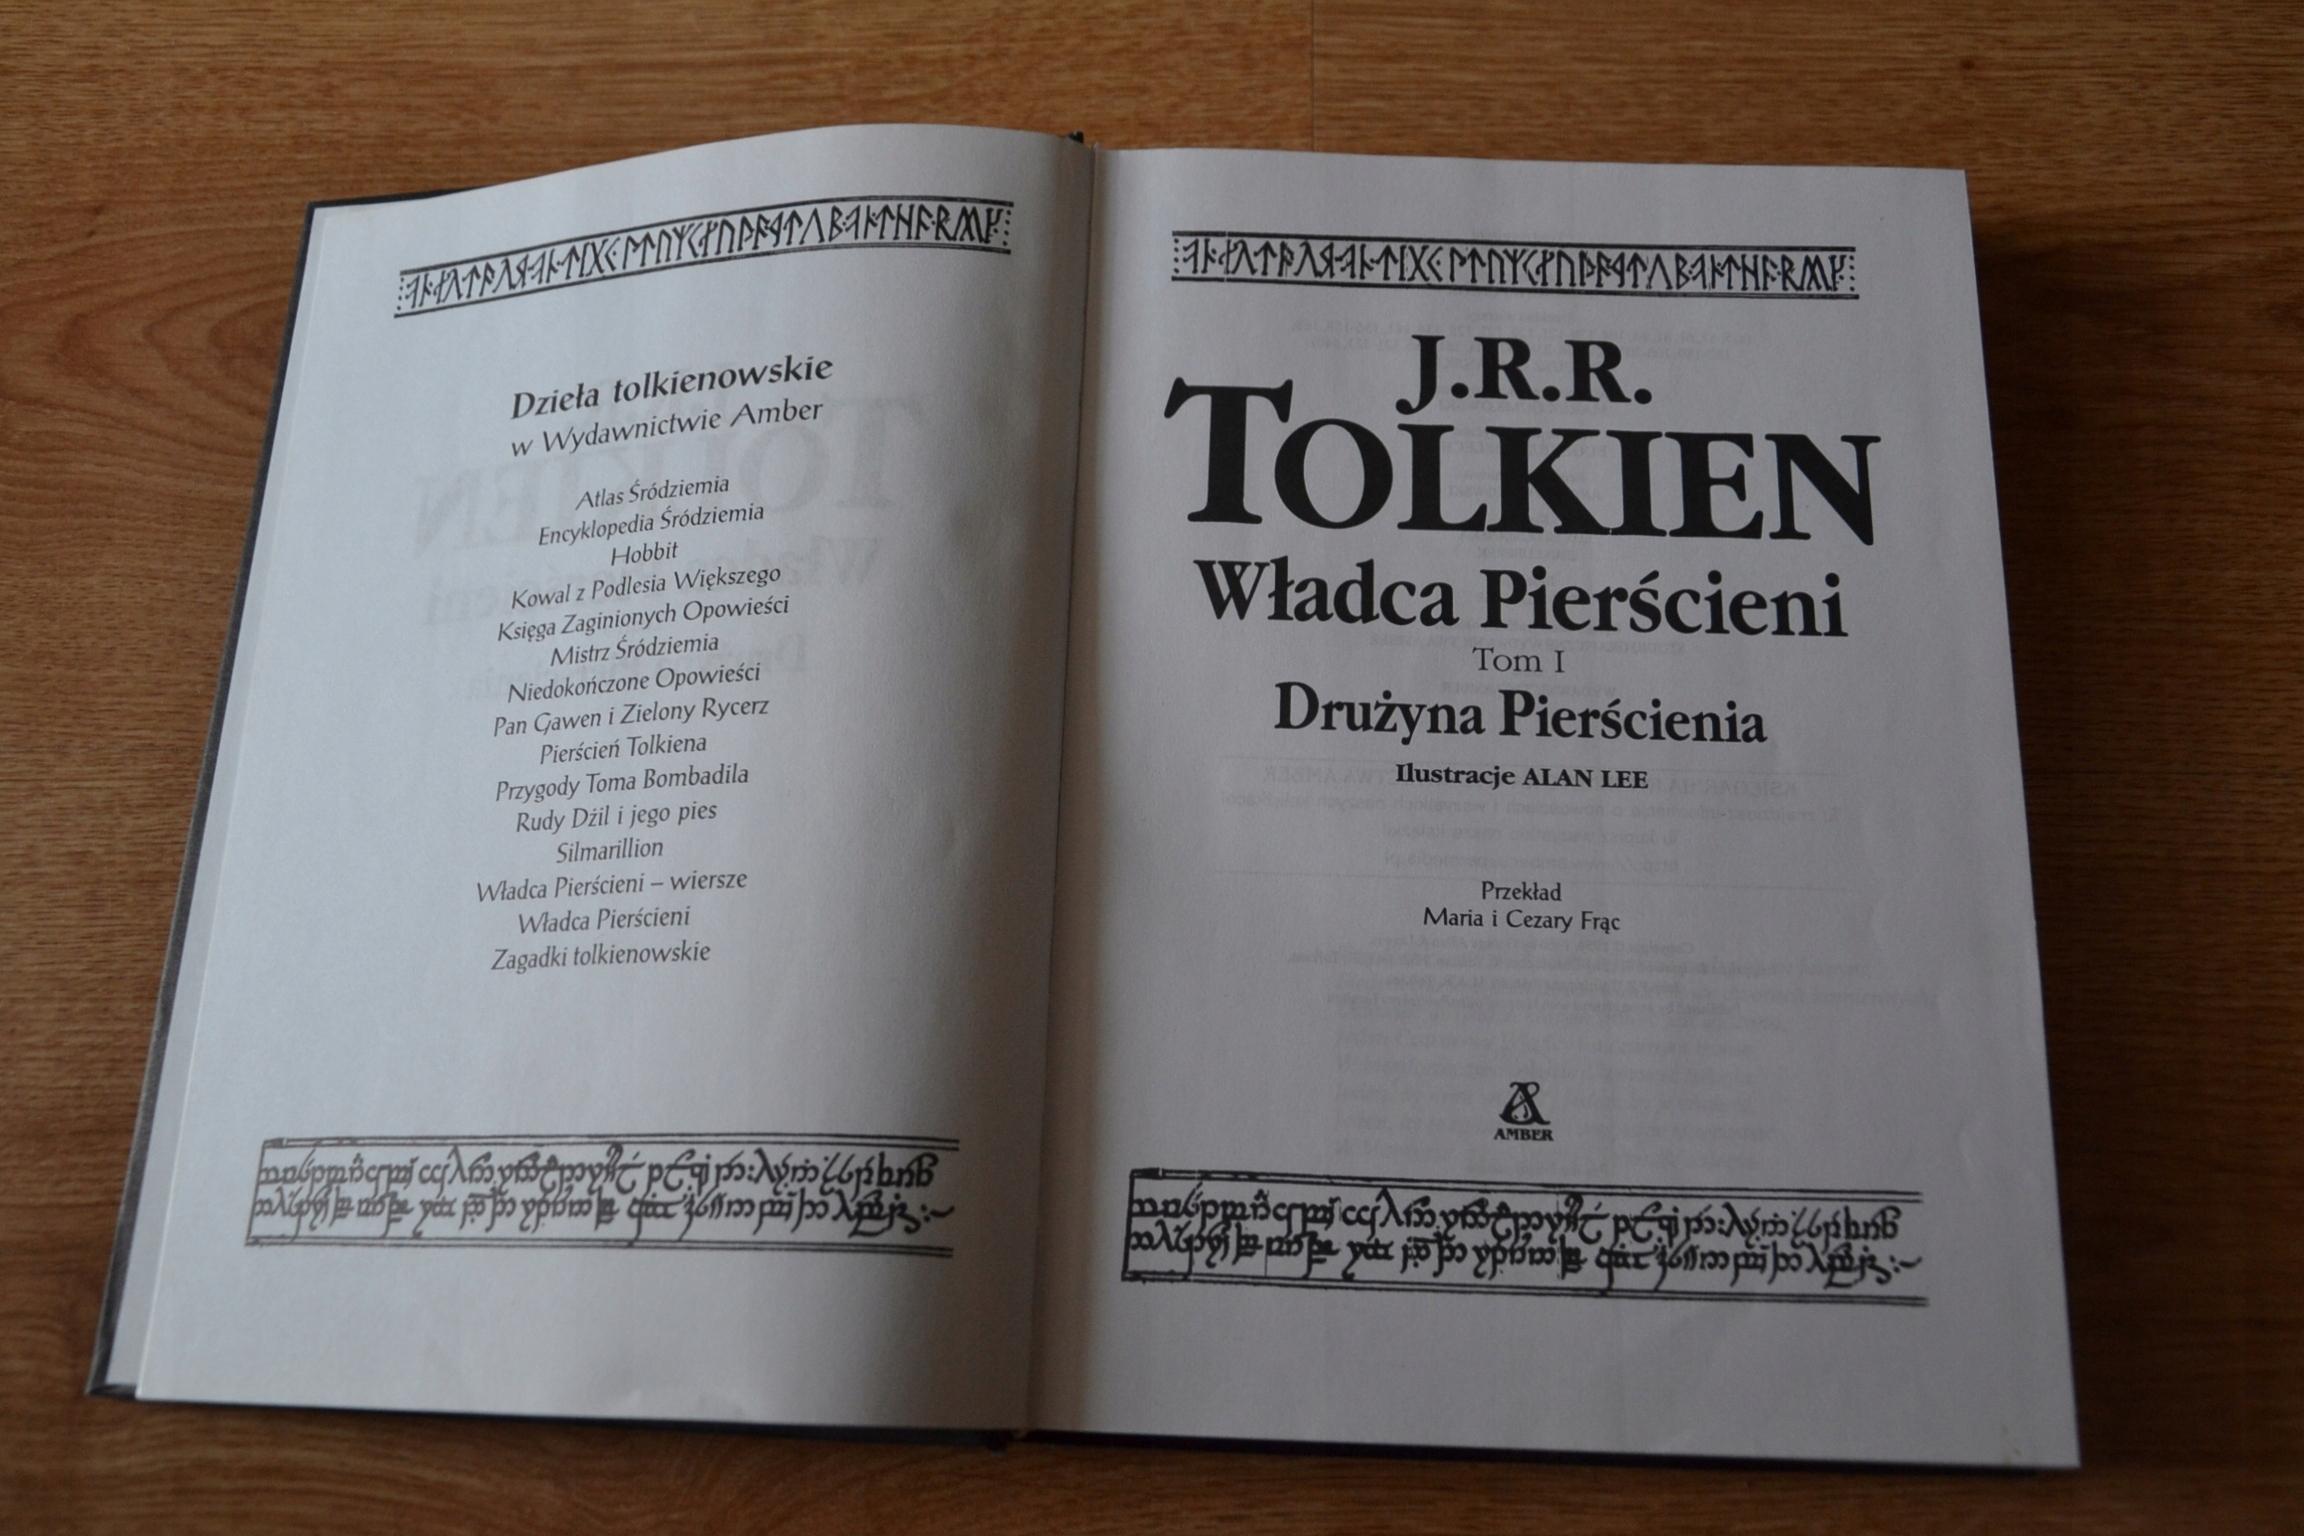 Tolkien Władca Pierścieni I Drużyna Pierścienia